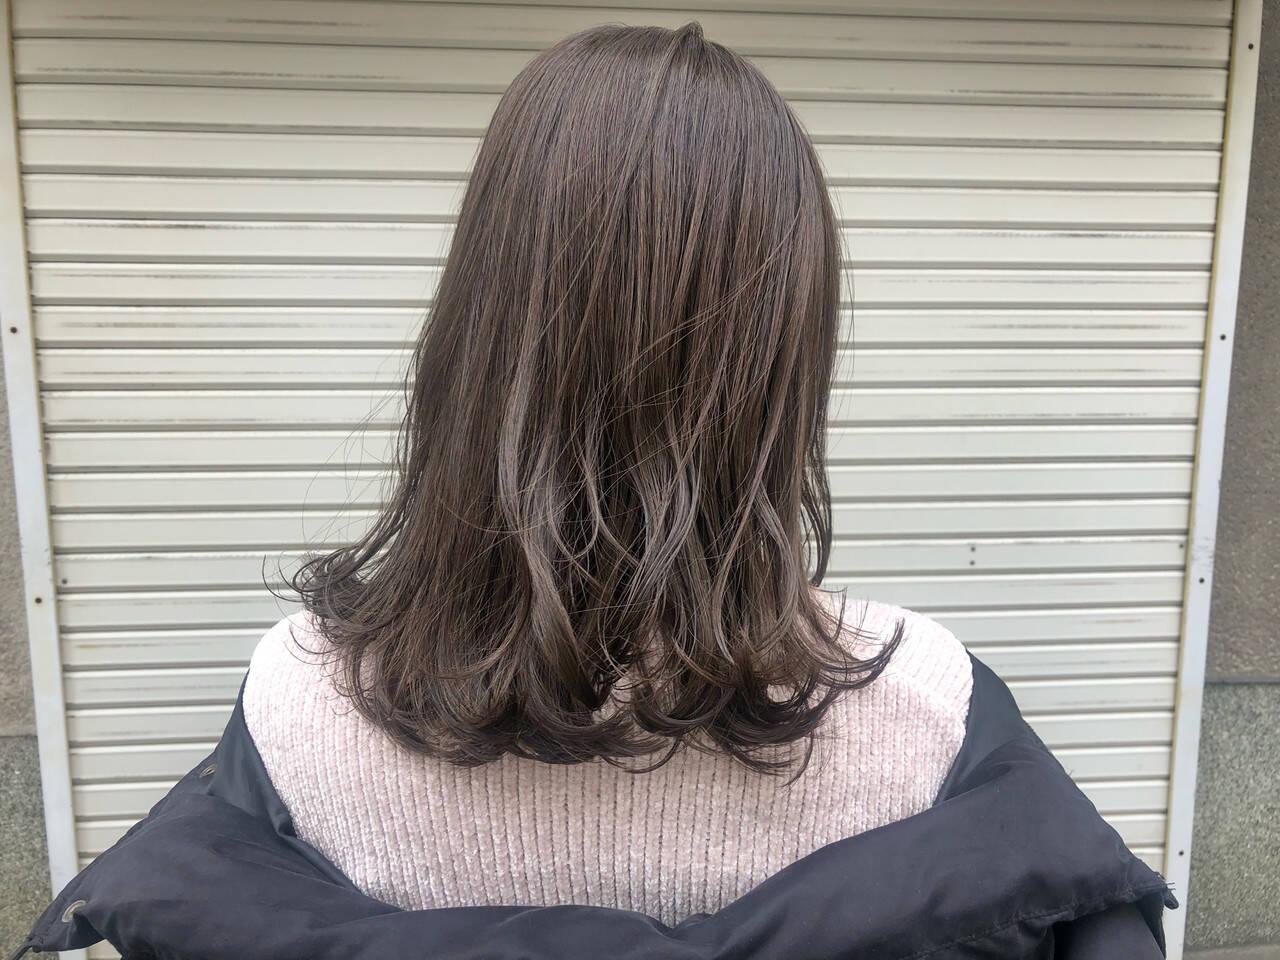 アッシュグレージュ アッシュベージュ セミロング ガーリーヘアスタイルや髪型の写真・画像